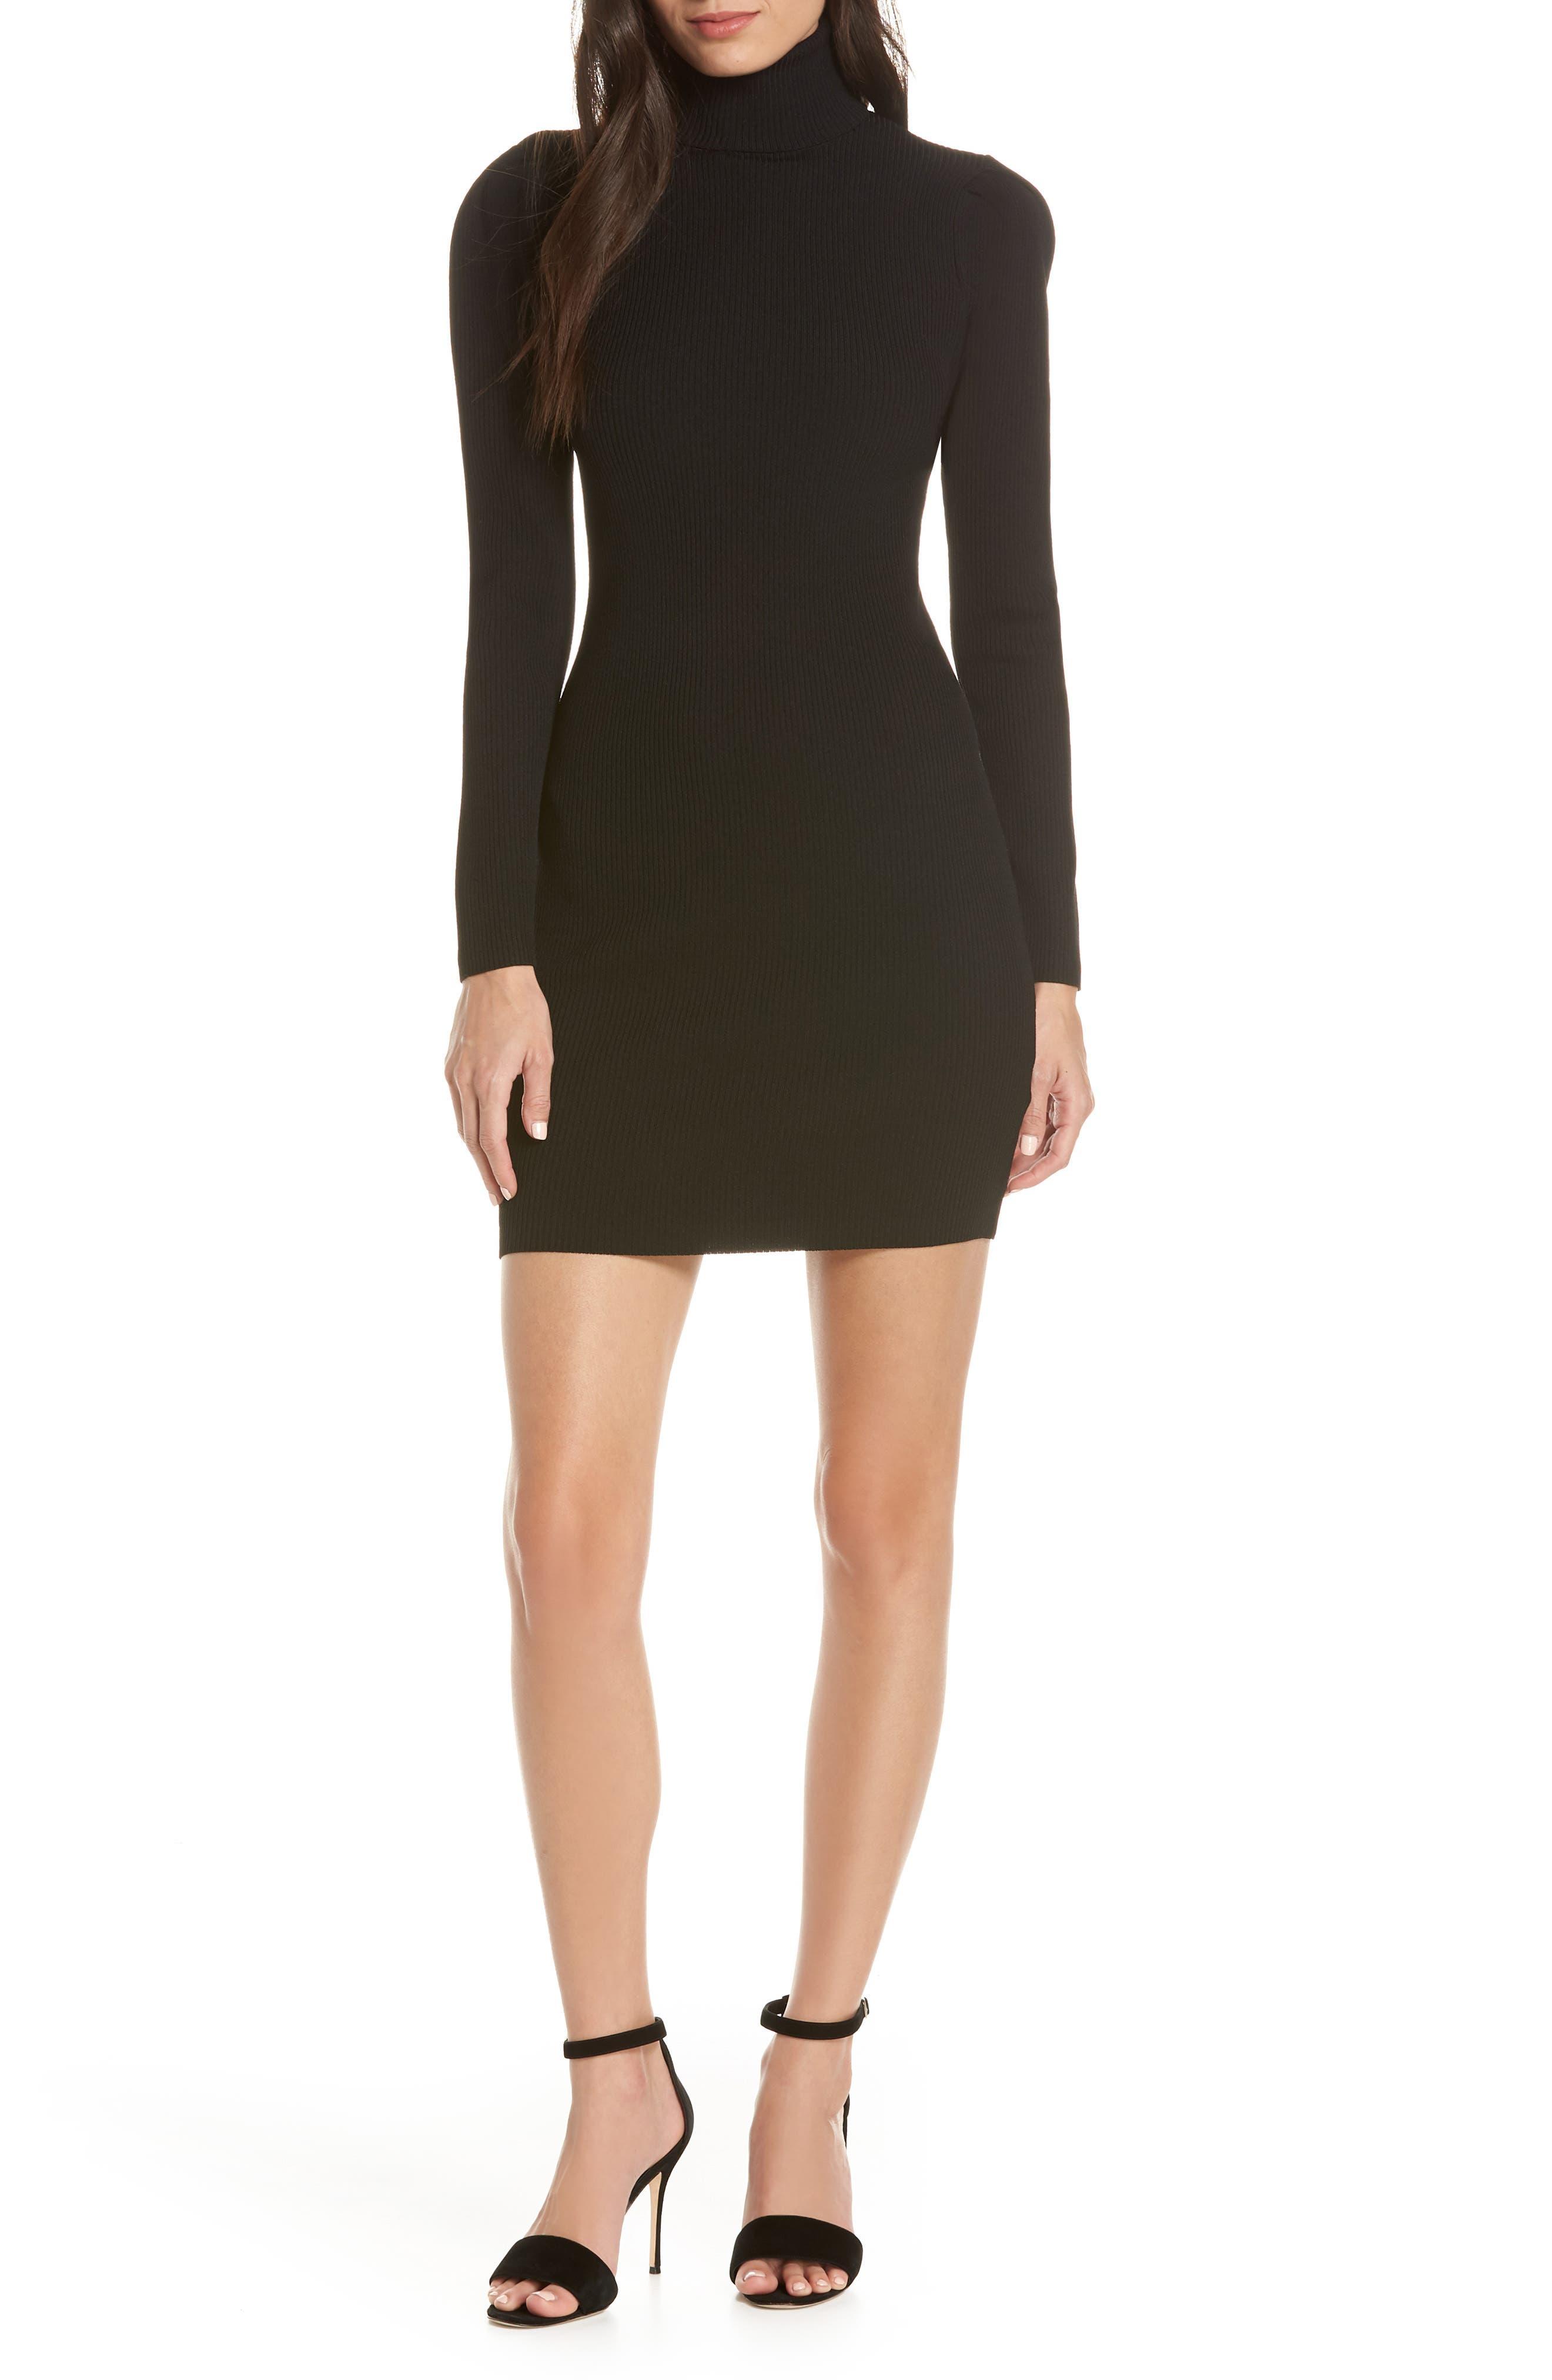 Ali & Jay Best Of My Love Turtleneck Sweater Dress, Black